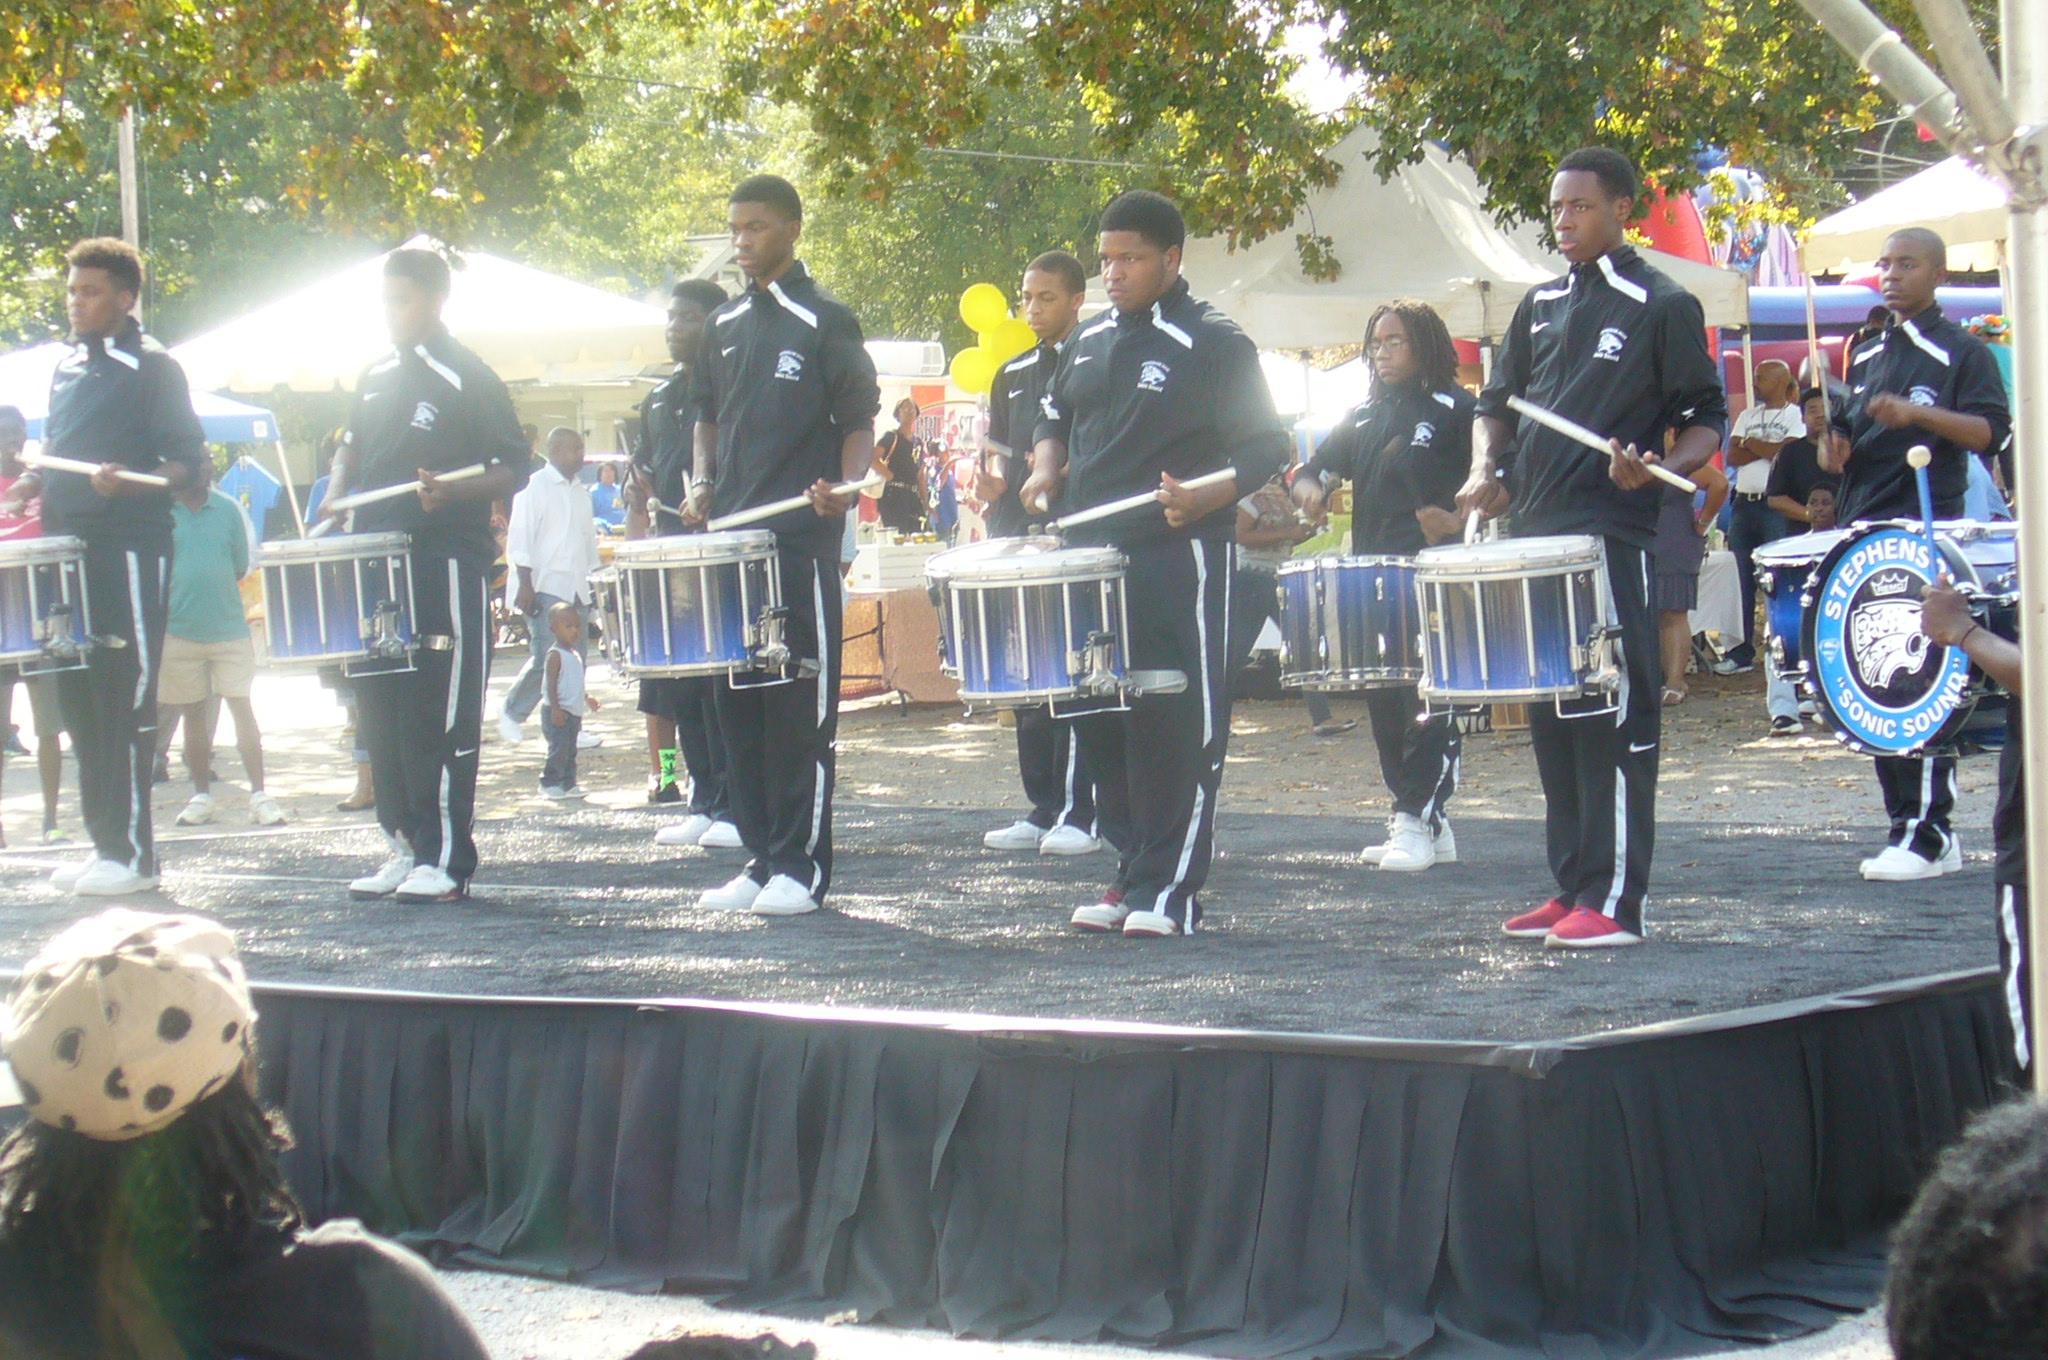 Drum line competitors. Looking smooth in sleek lines.